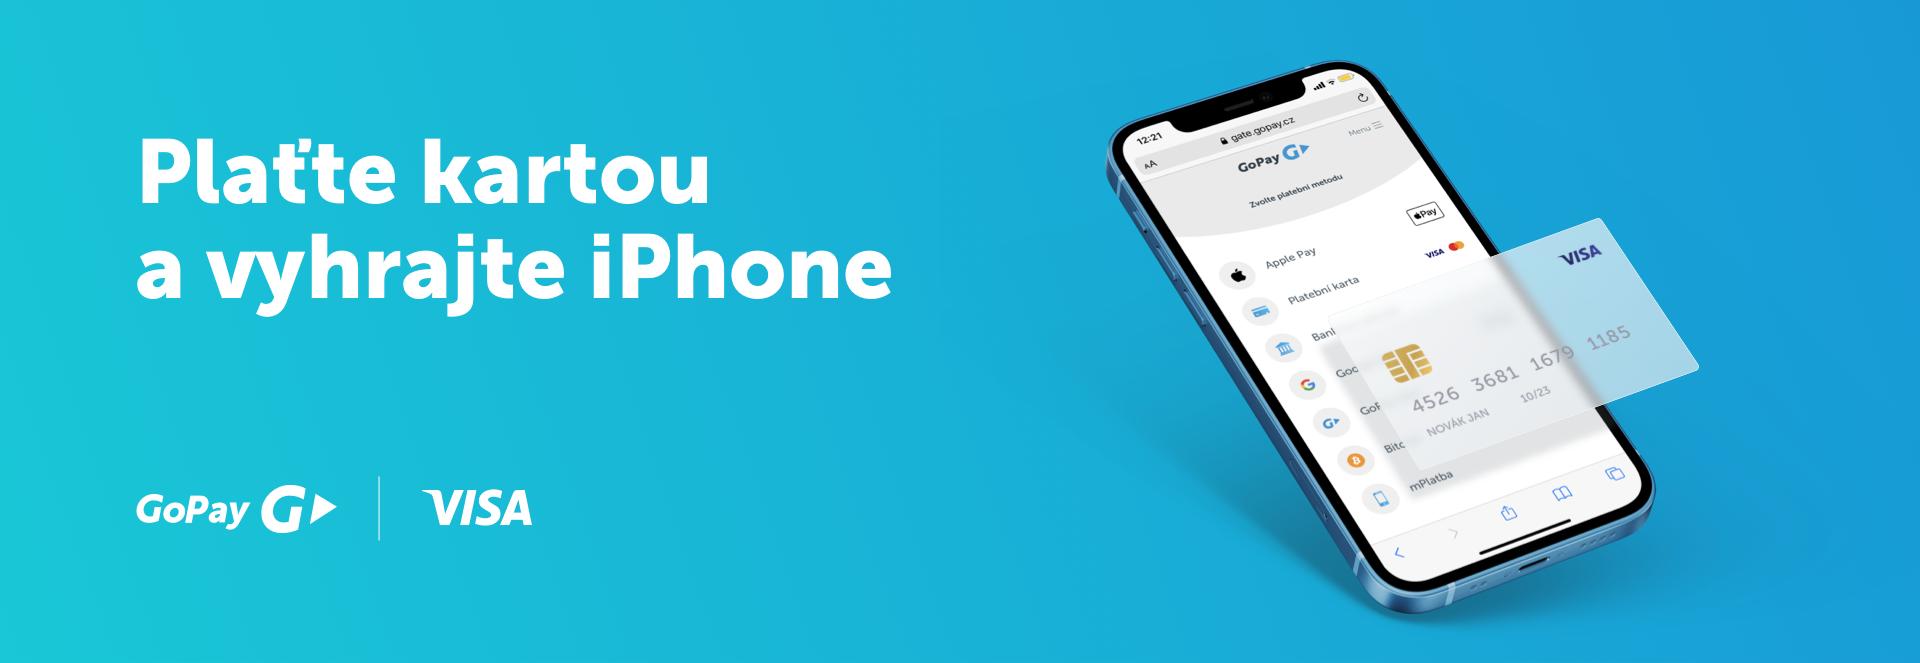 Soutěž GoPay - vyhraj IPhone